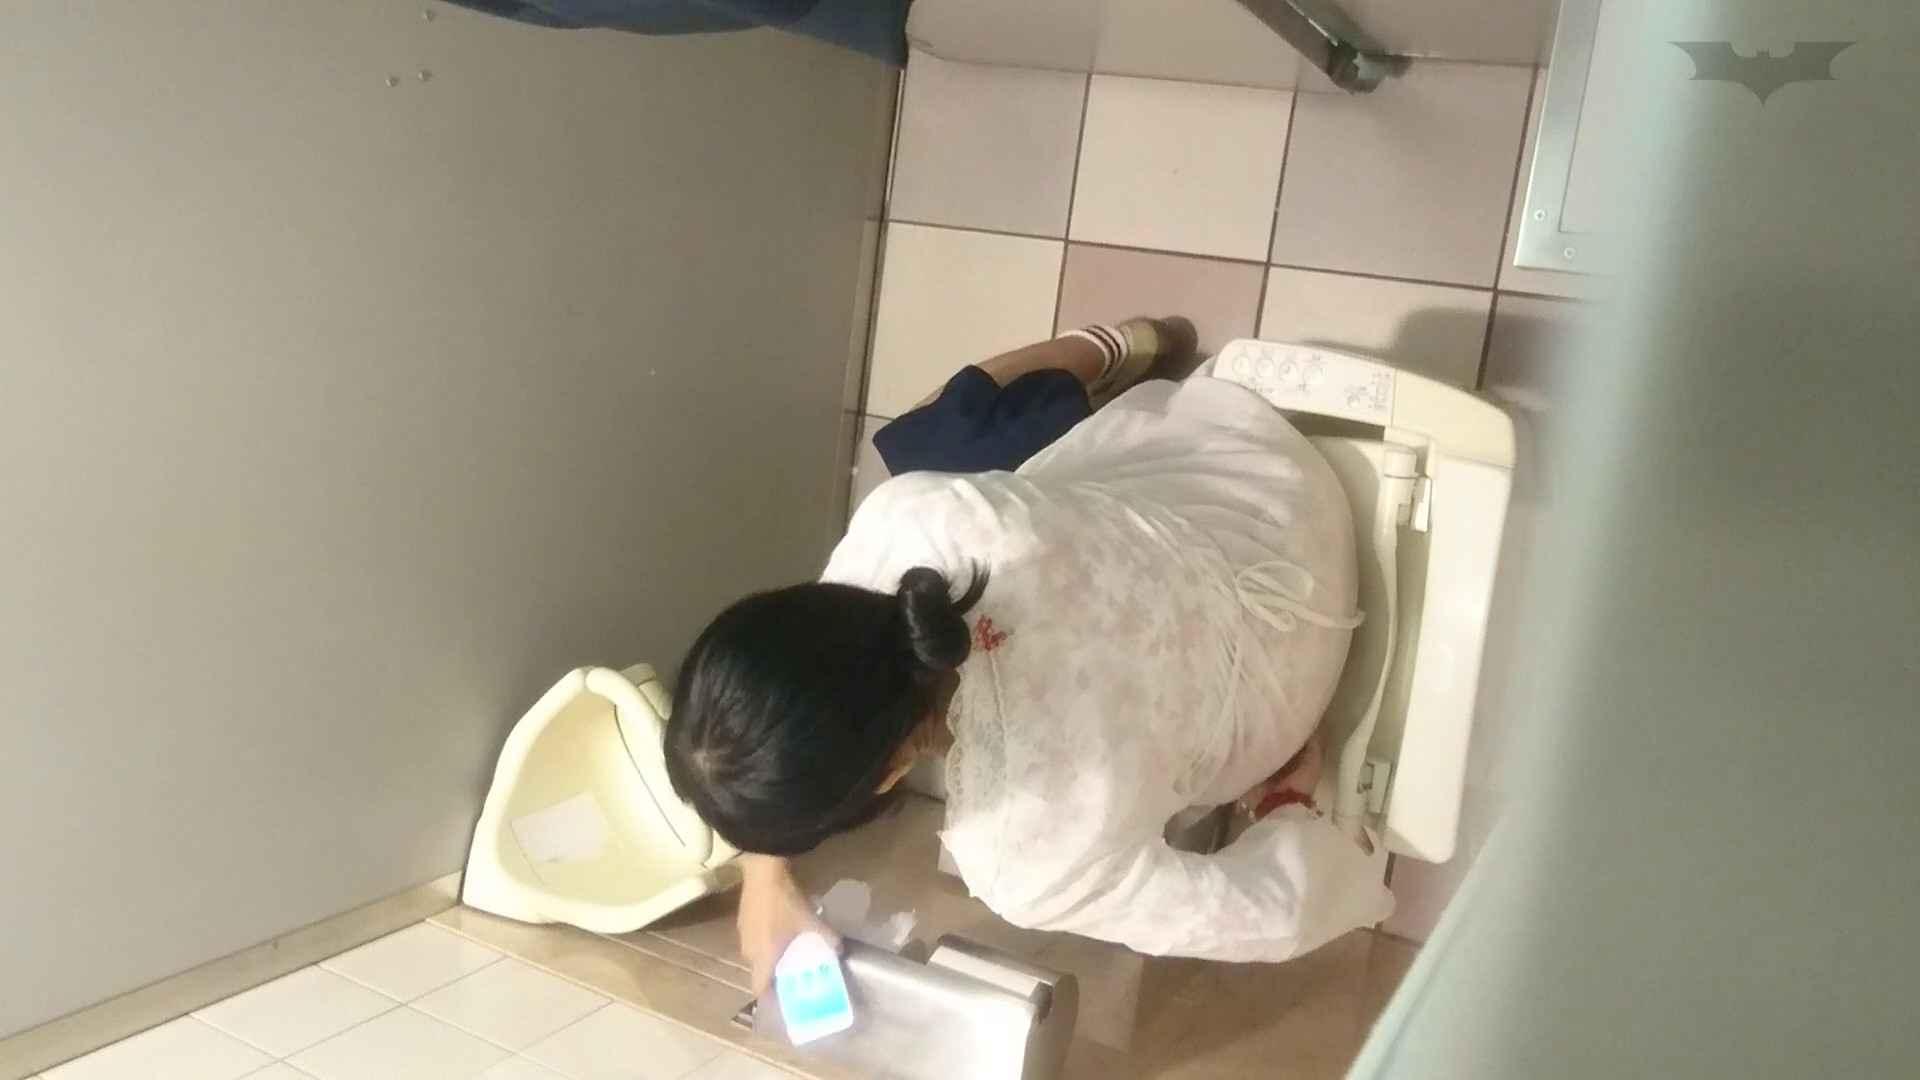 化粧室絵巻 ショッピングモール編 VOL.25 洗面所のぞき おめこ無修正動画無料 94枚 78